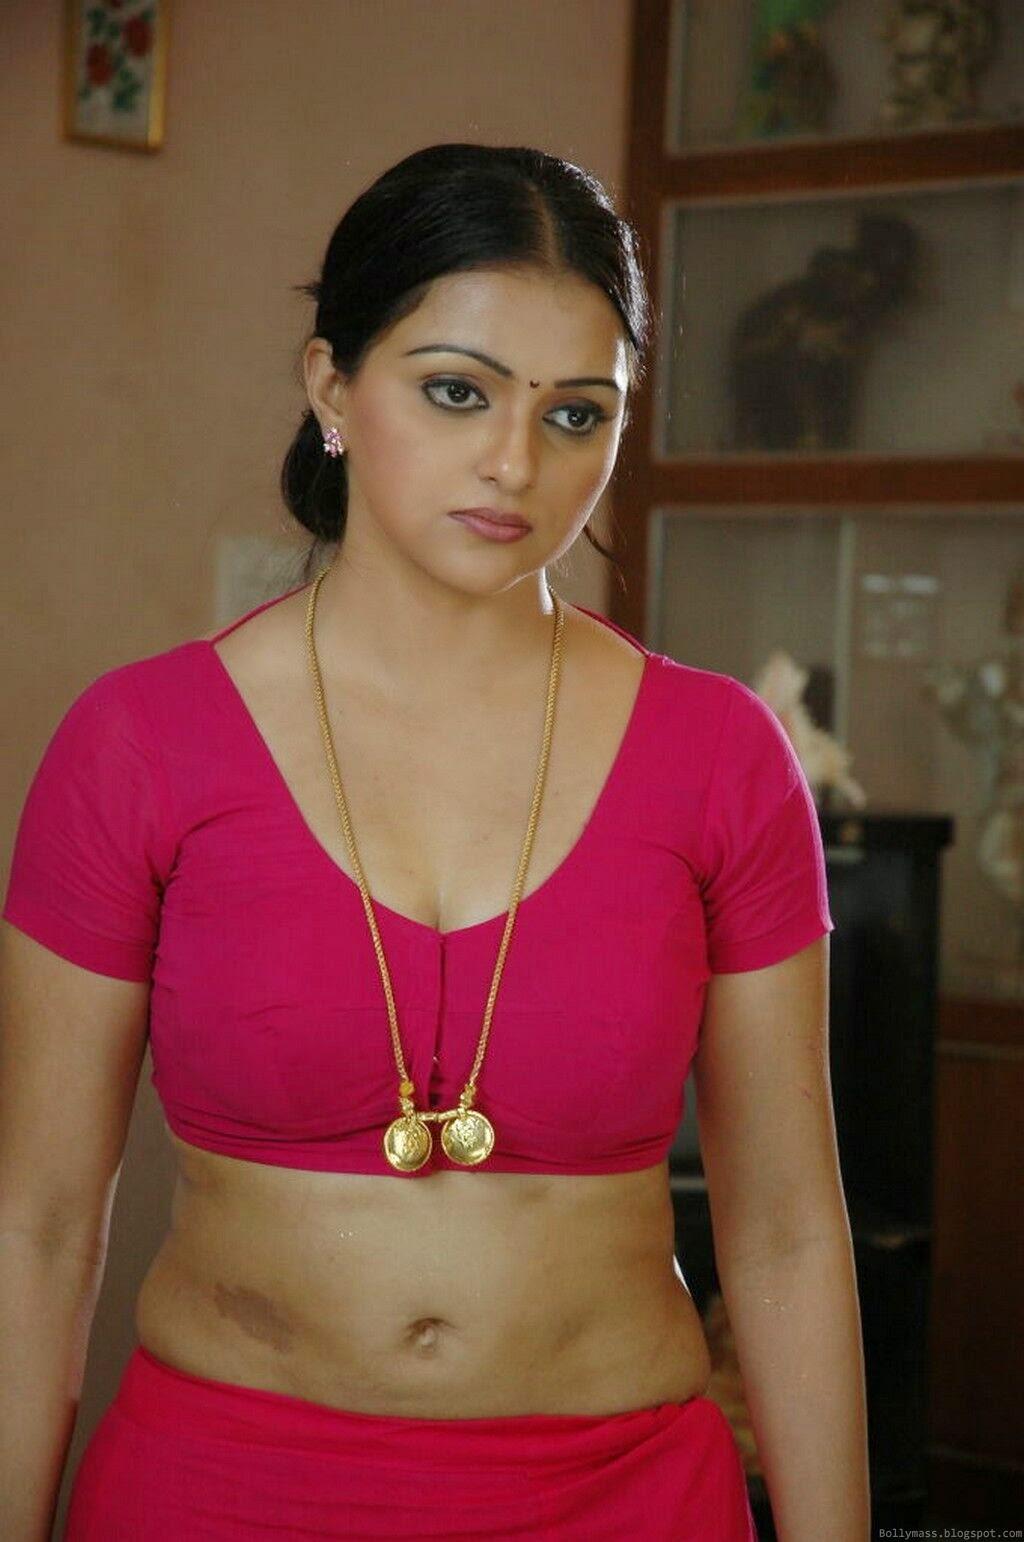 Sonali Joshi Hot In Pink Blouse Without Saree HD Photos - SAREE BELOW ...